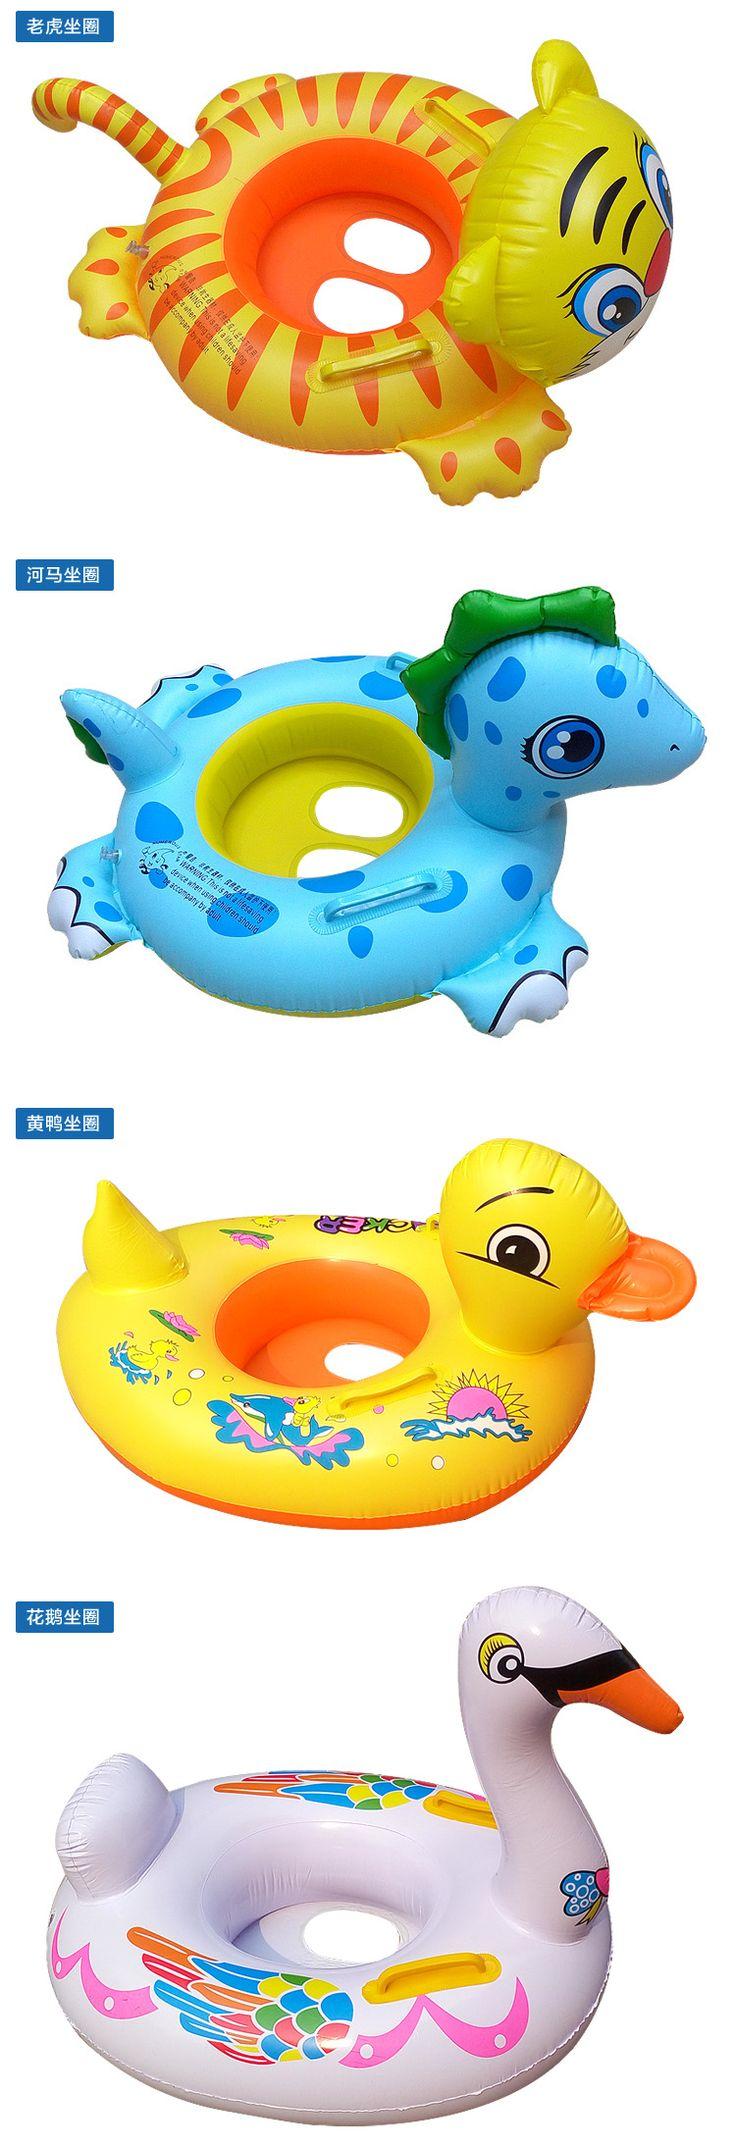 Мультфильм Дети плавать кольцо надувной бассейн кольцо ребенок сидеть на лодке водные игрушки ребенка плавать важно - Taobao